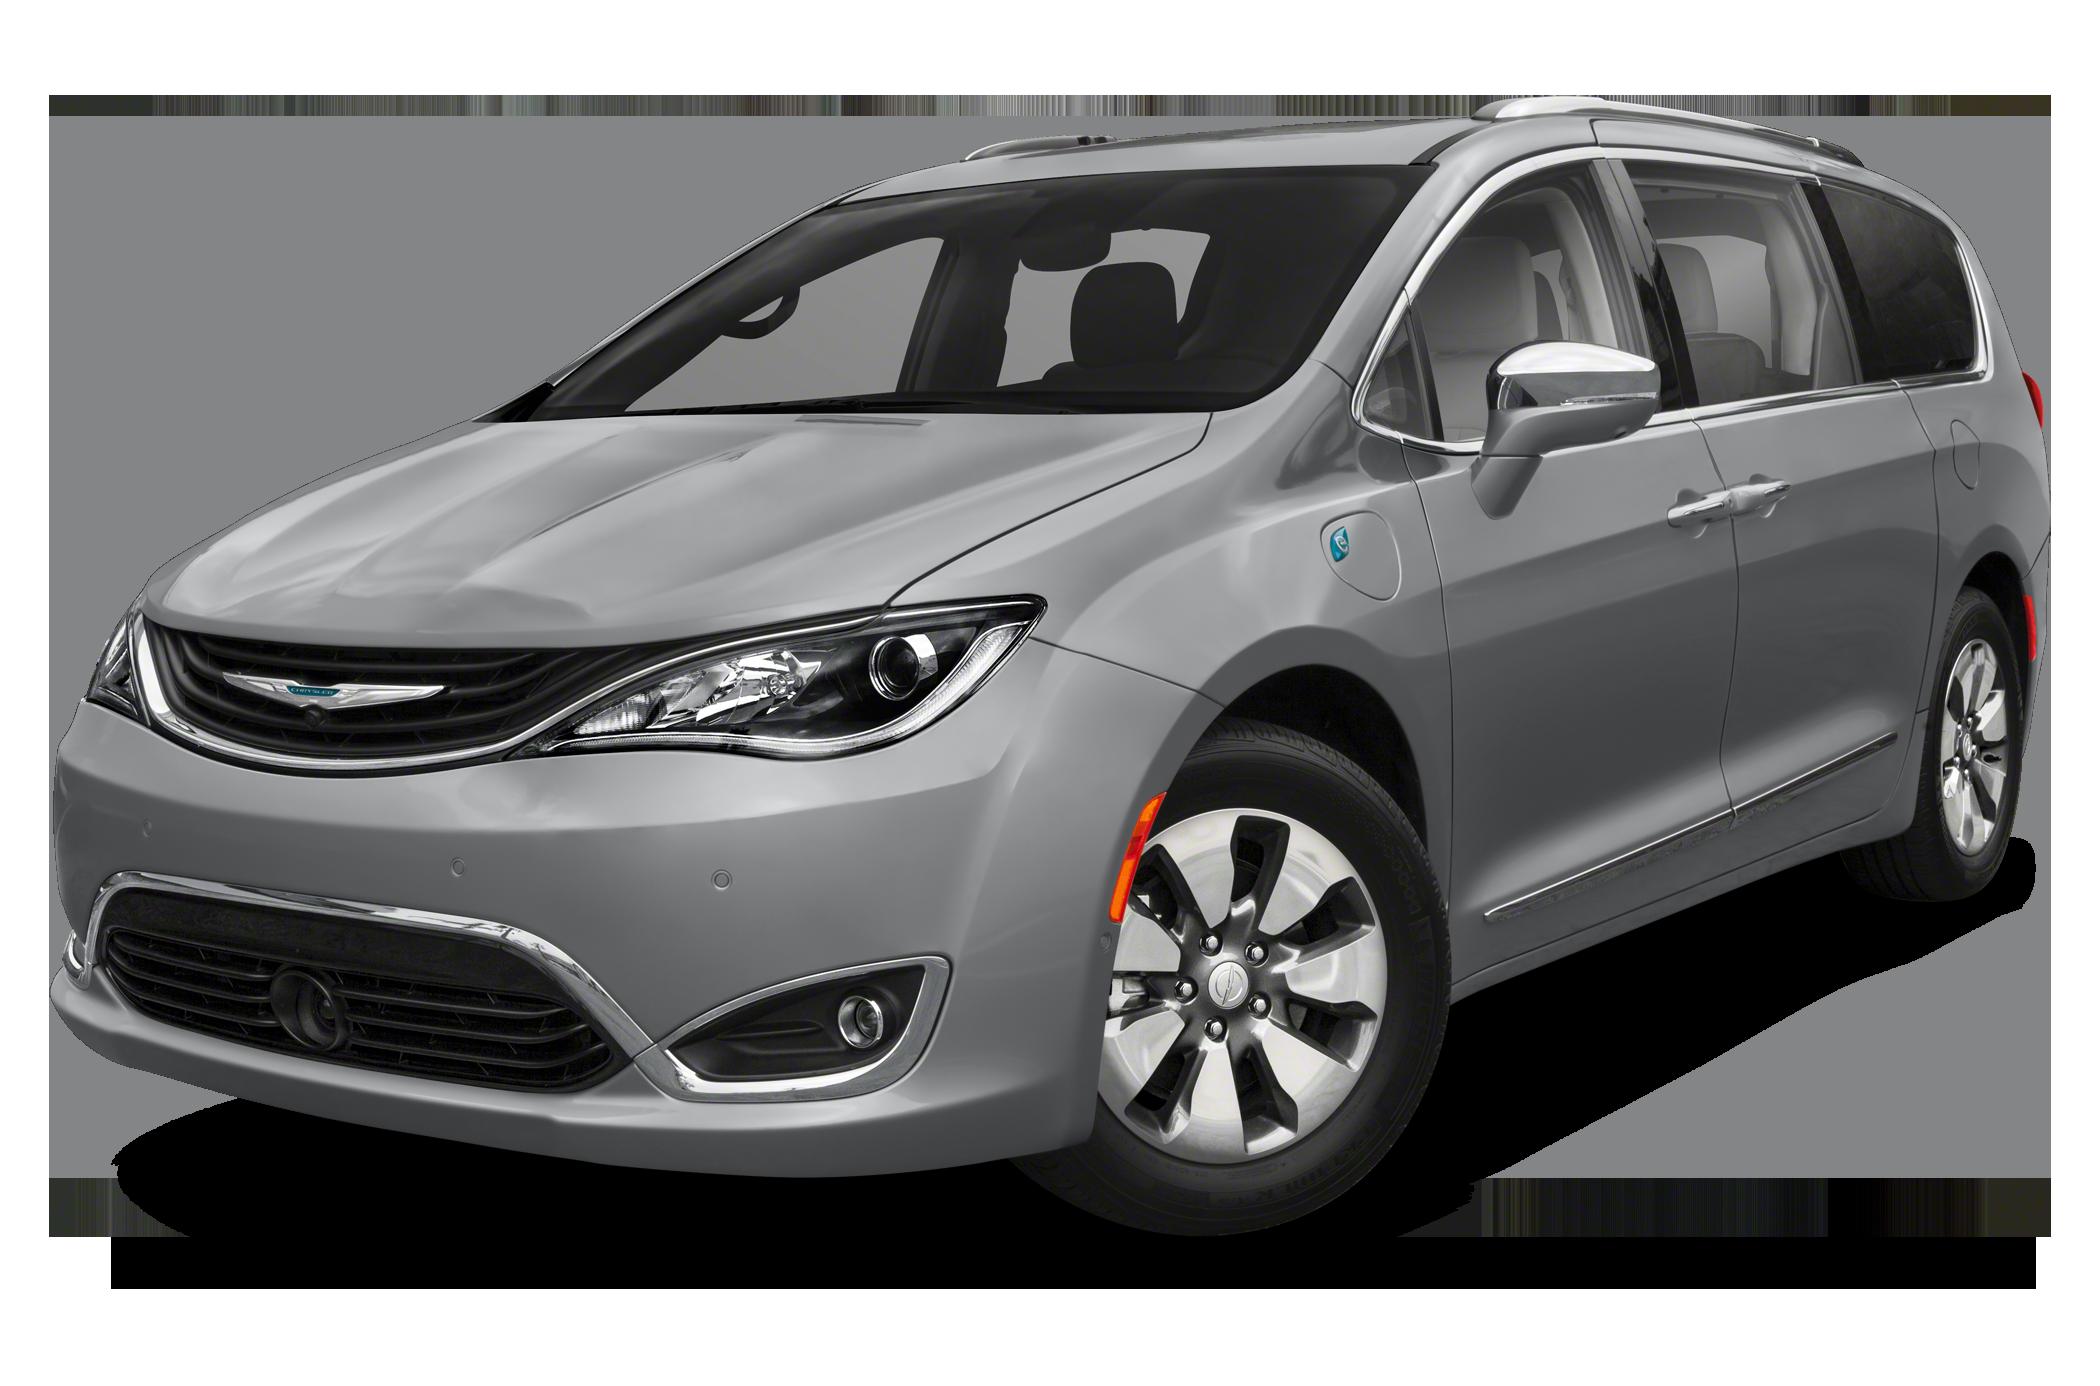 Carsdirect Car Loan